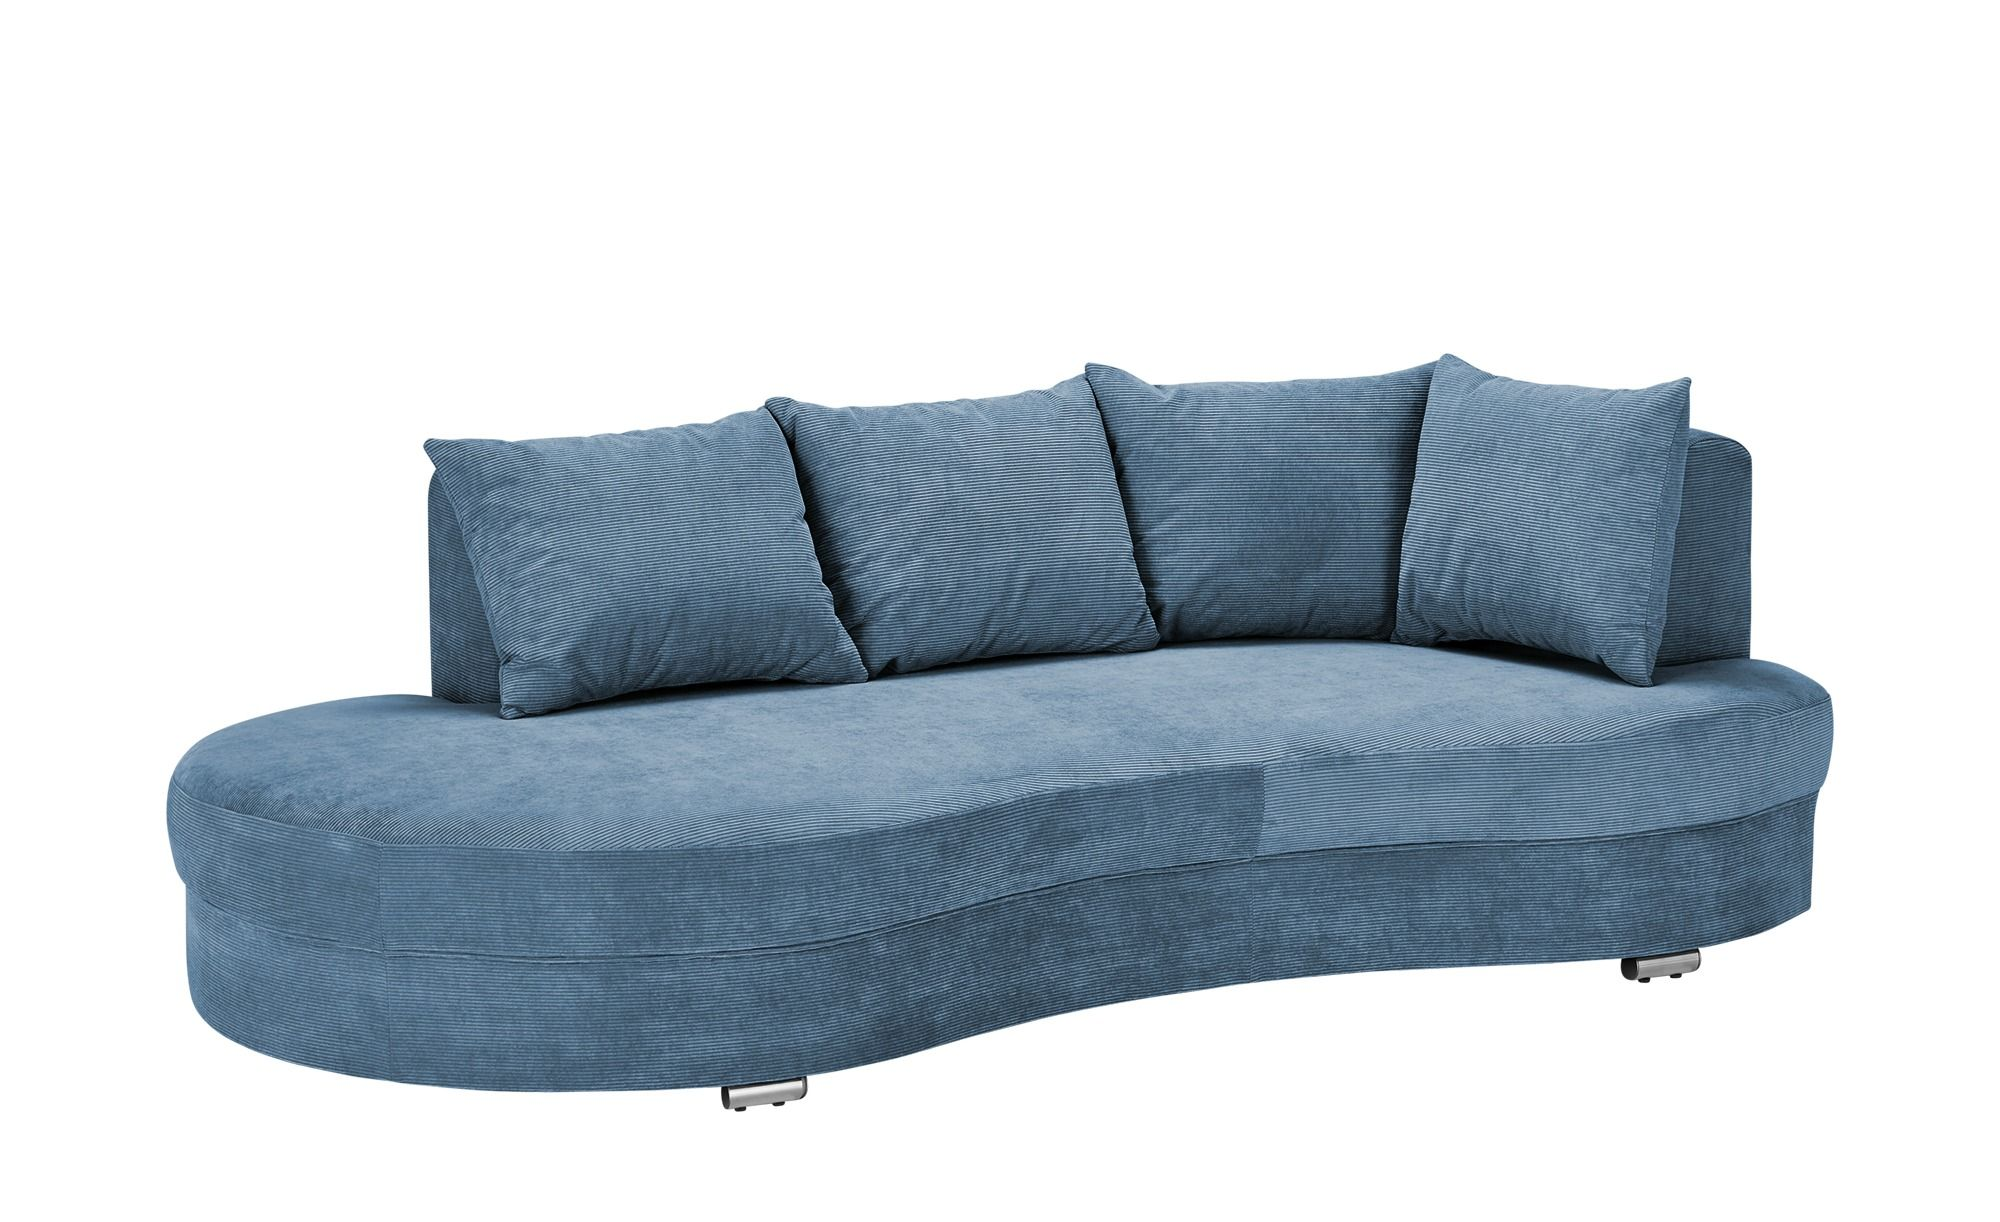 Full Size of Sofa Auf Raten Groß Sitzhöhe 55 Cm De Sede Xxxl Schlaf Comfortmaster Schlafsofa Liegefläche 160x200 Lederpflege Breit Rundes Hannover Big Leder 3 Sitzer Sofa Höffner Big Sofa